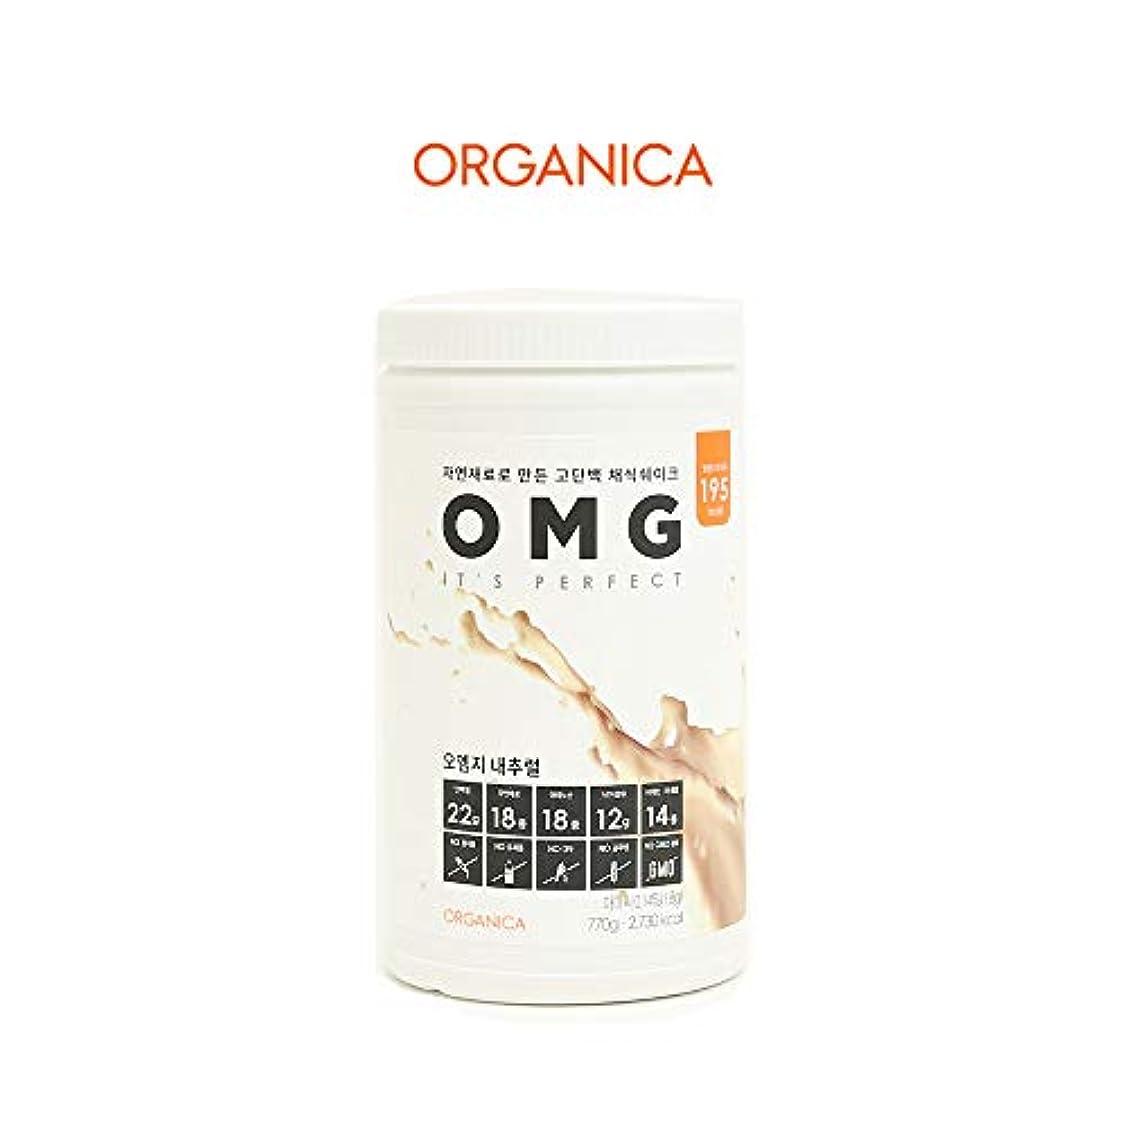 お酒心理的エスカレーターオーエムジー タンパク質 ダイエット シェイク (OMG, protein shake) (ナチュラル)